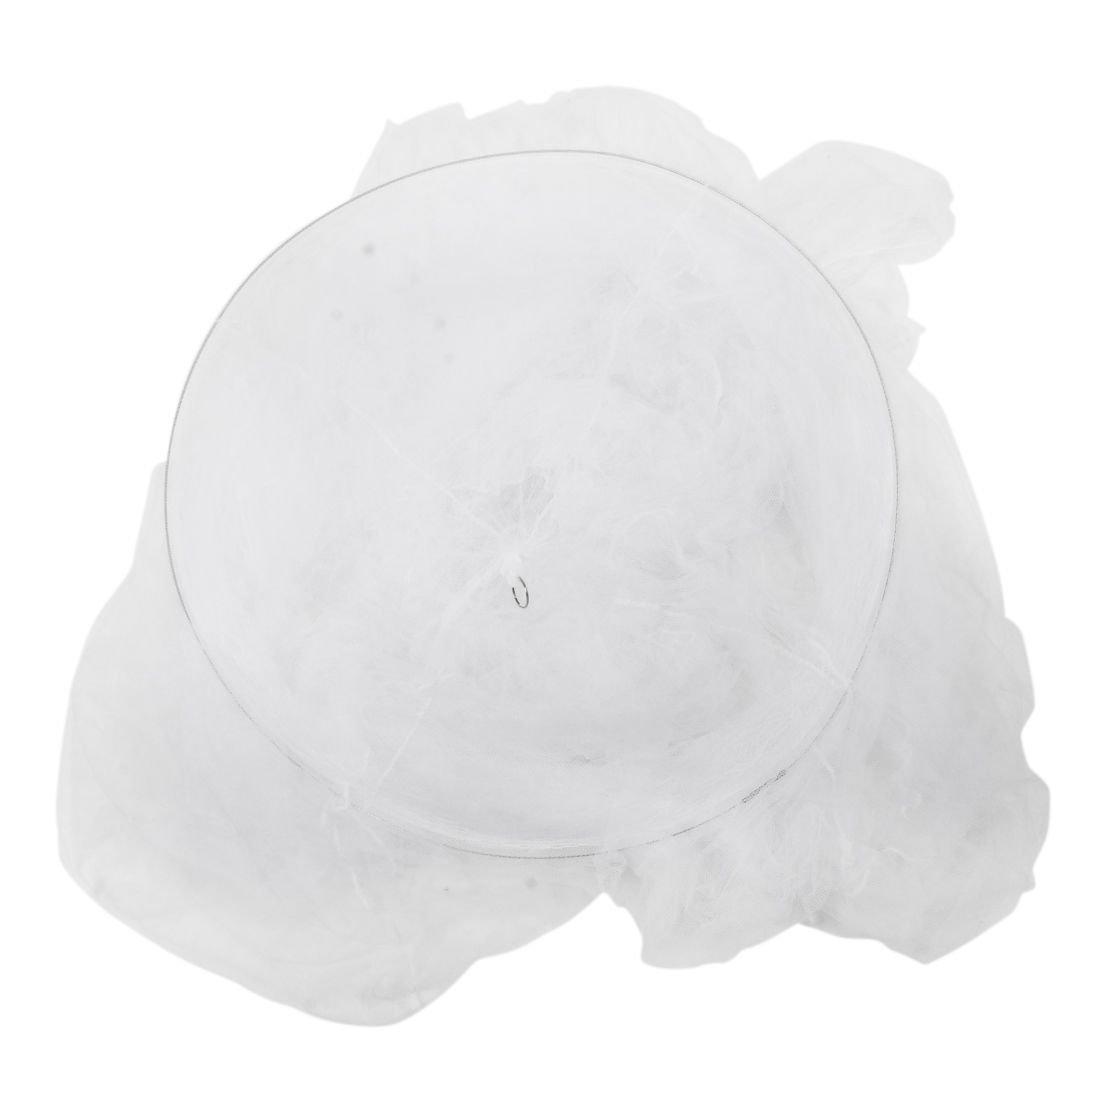 TOOGOO Redonda Mosquitera de Cama de Color Blanco R